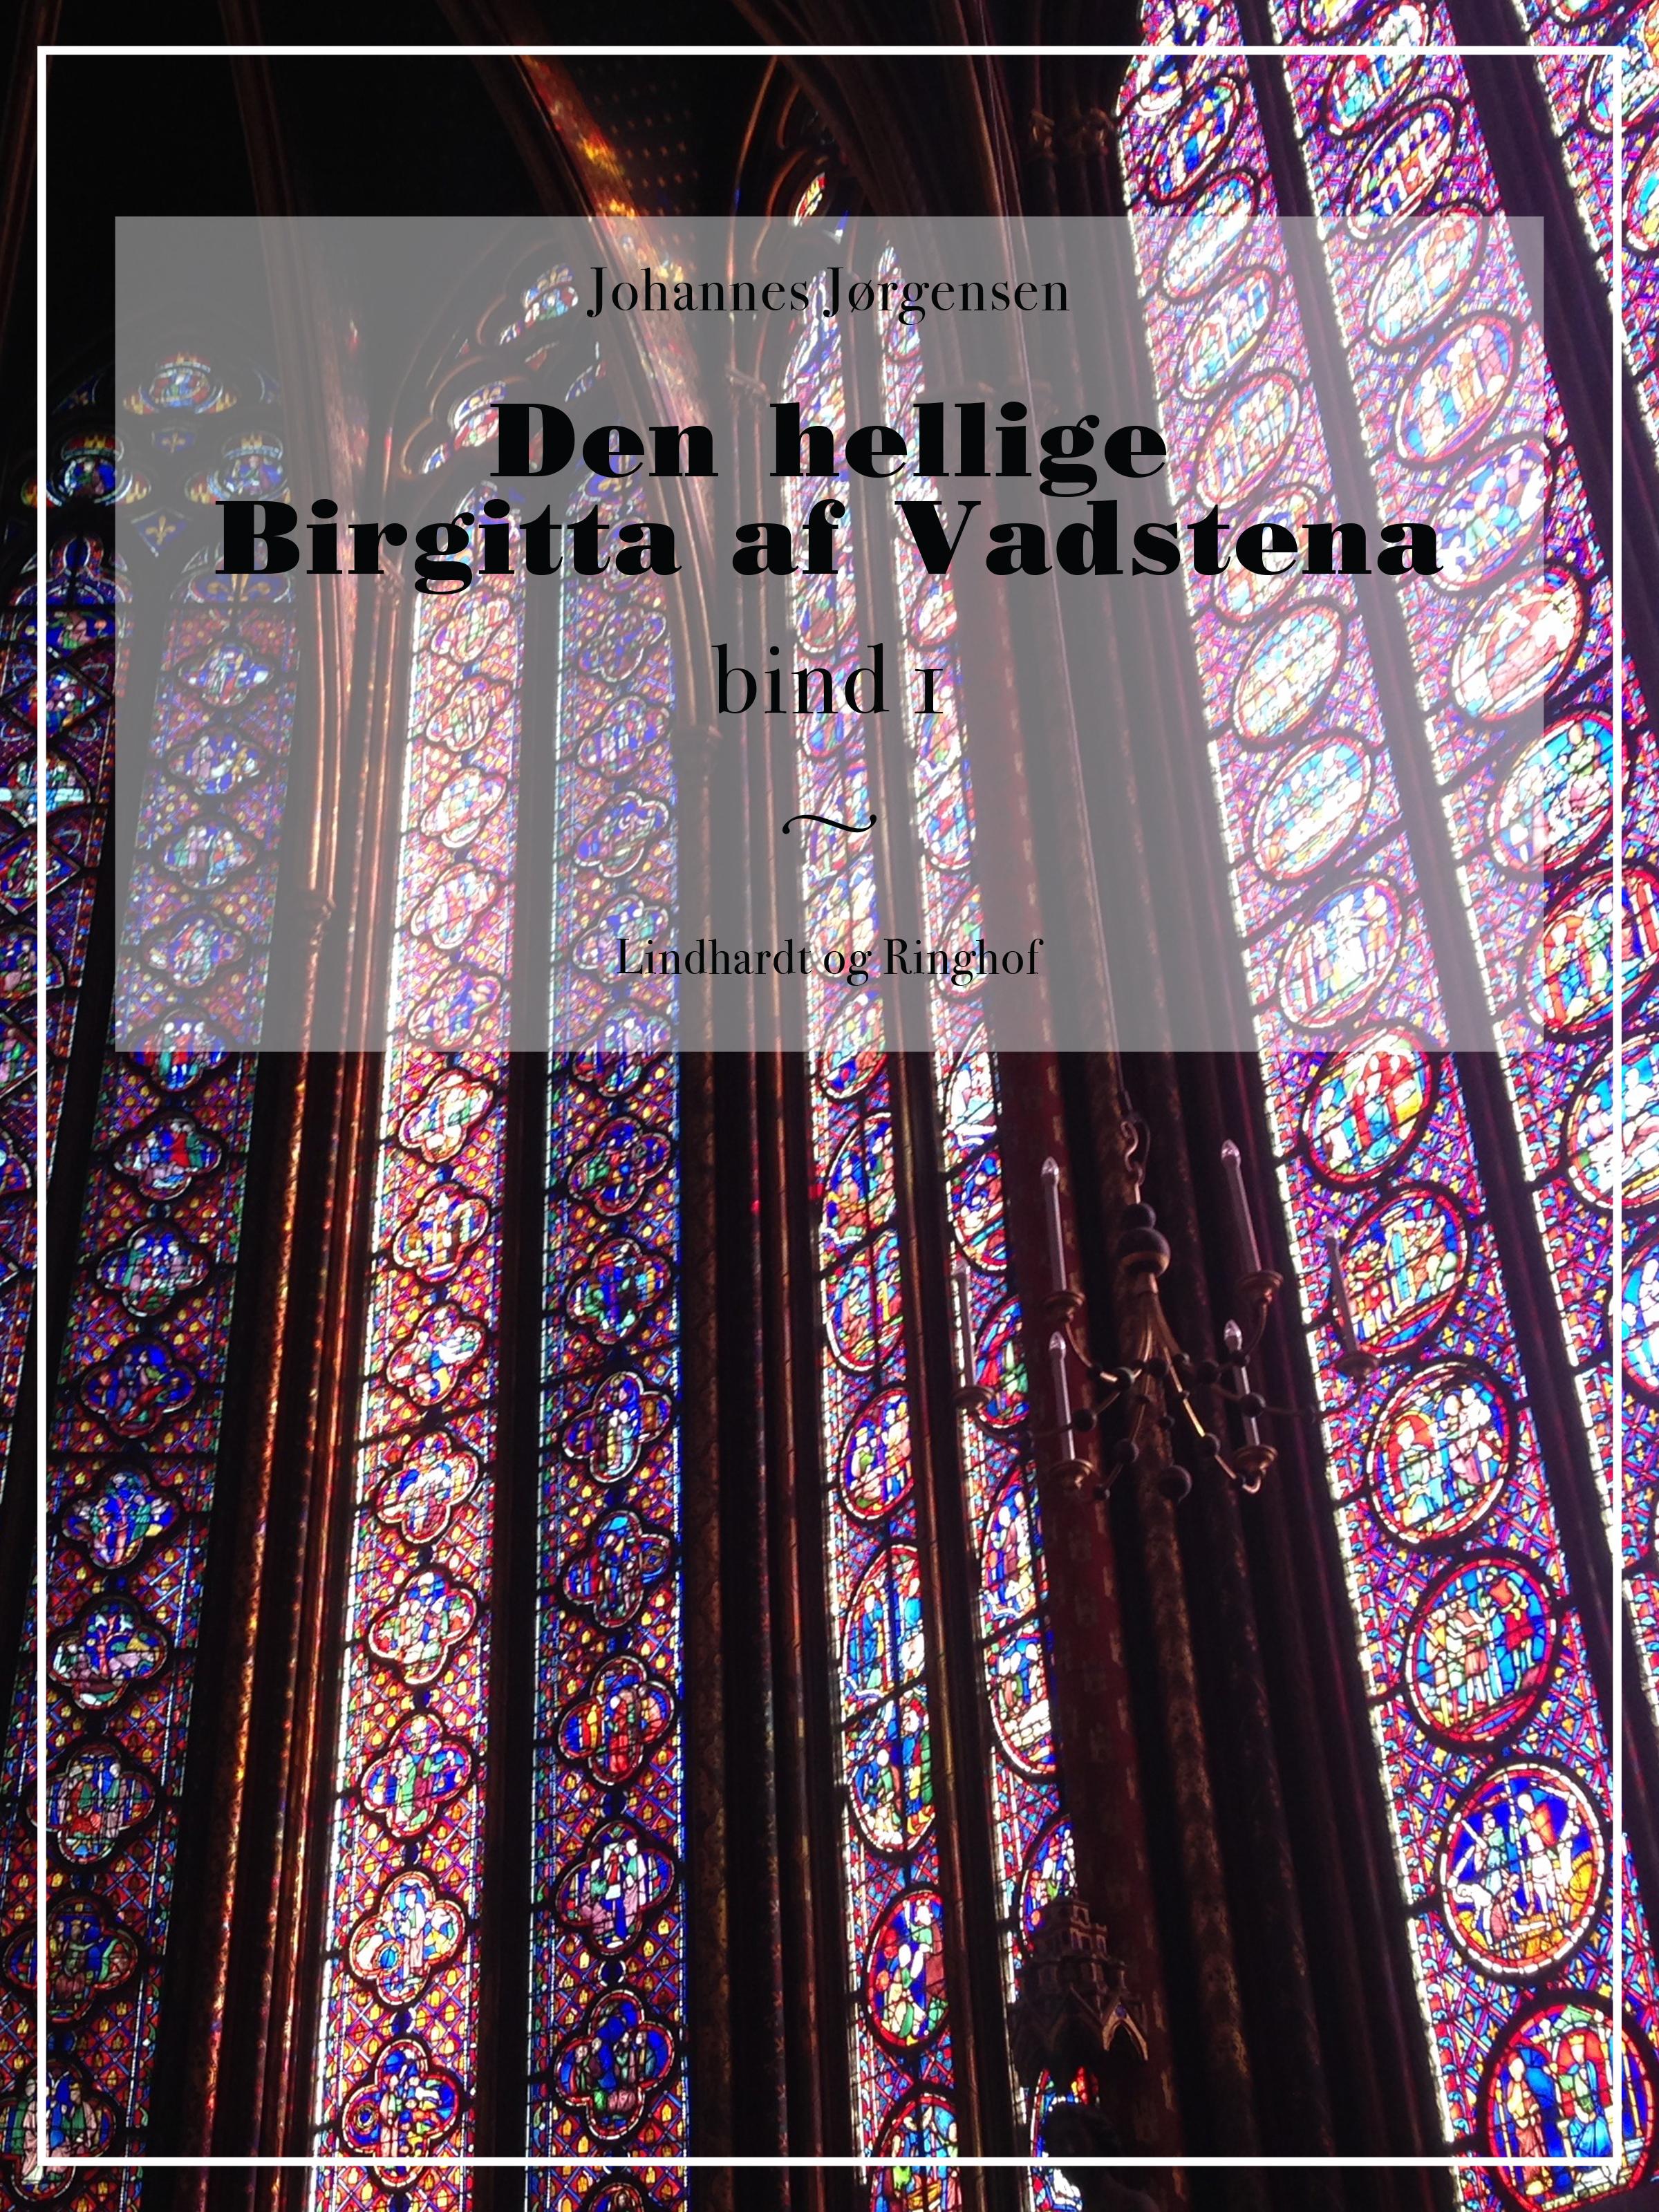 N/A Den hellige birgitta af vadstena (bind 1) - e-bog på bog & mystik